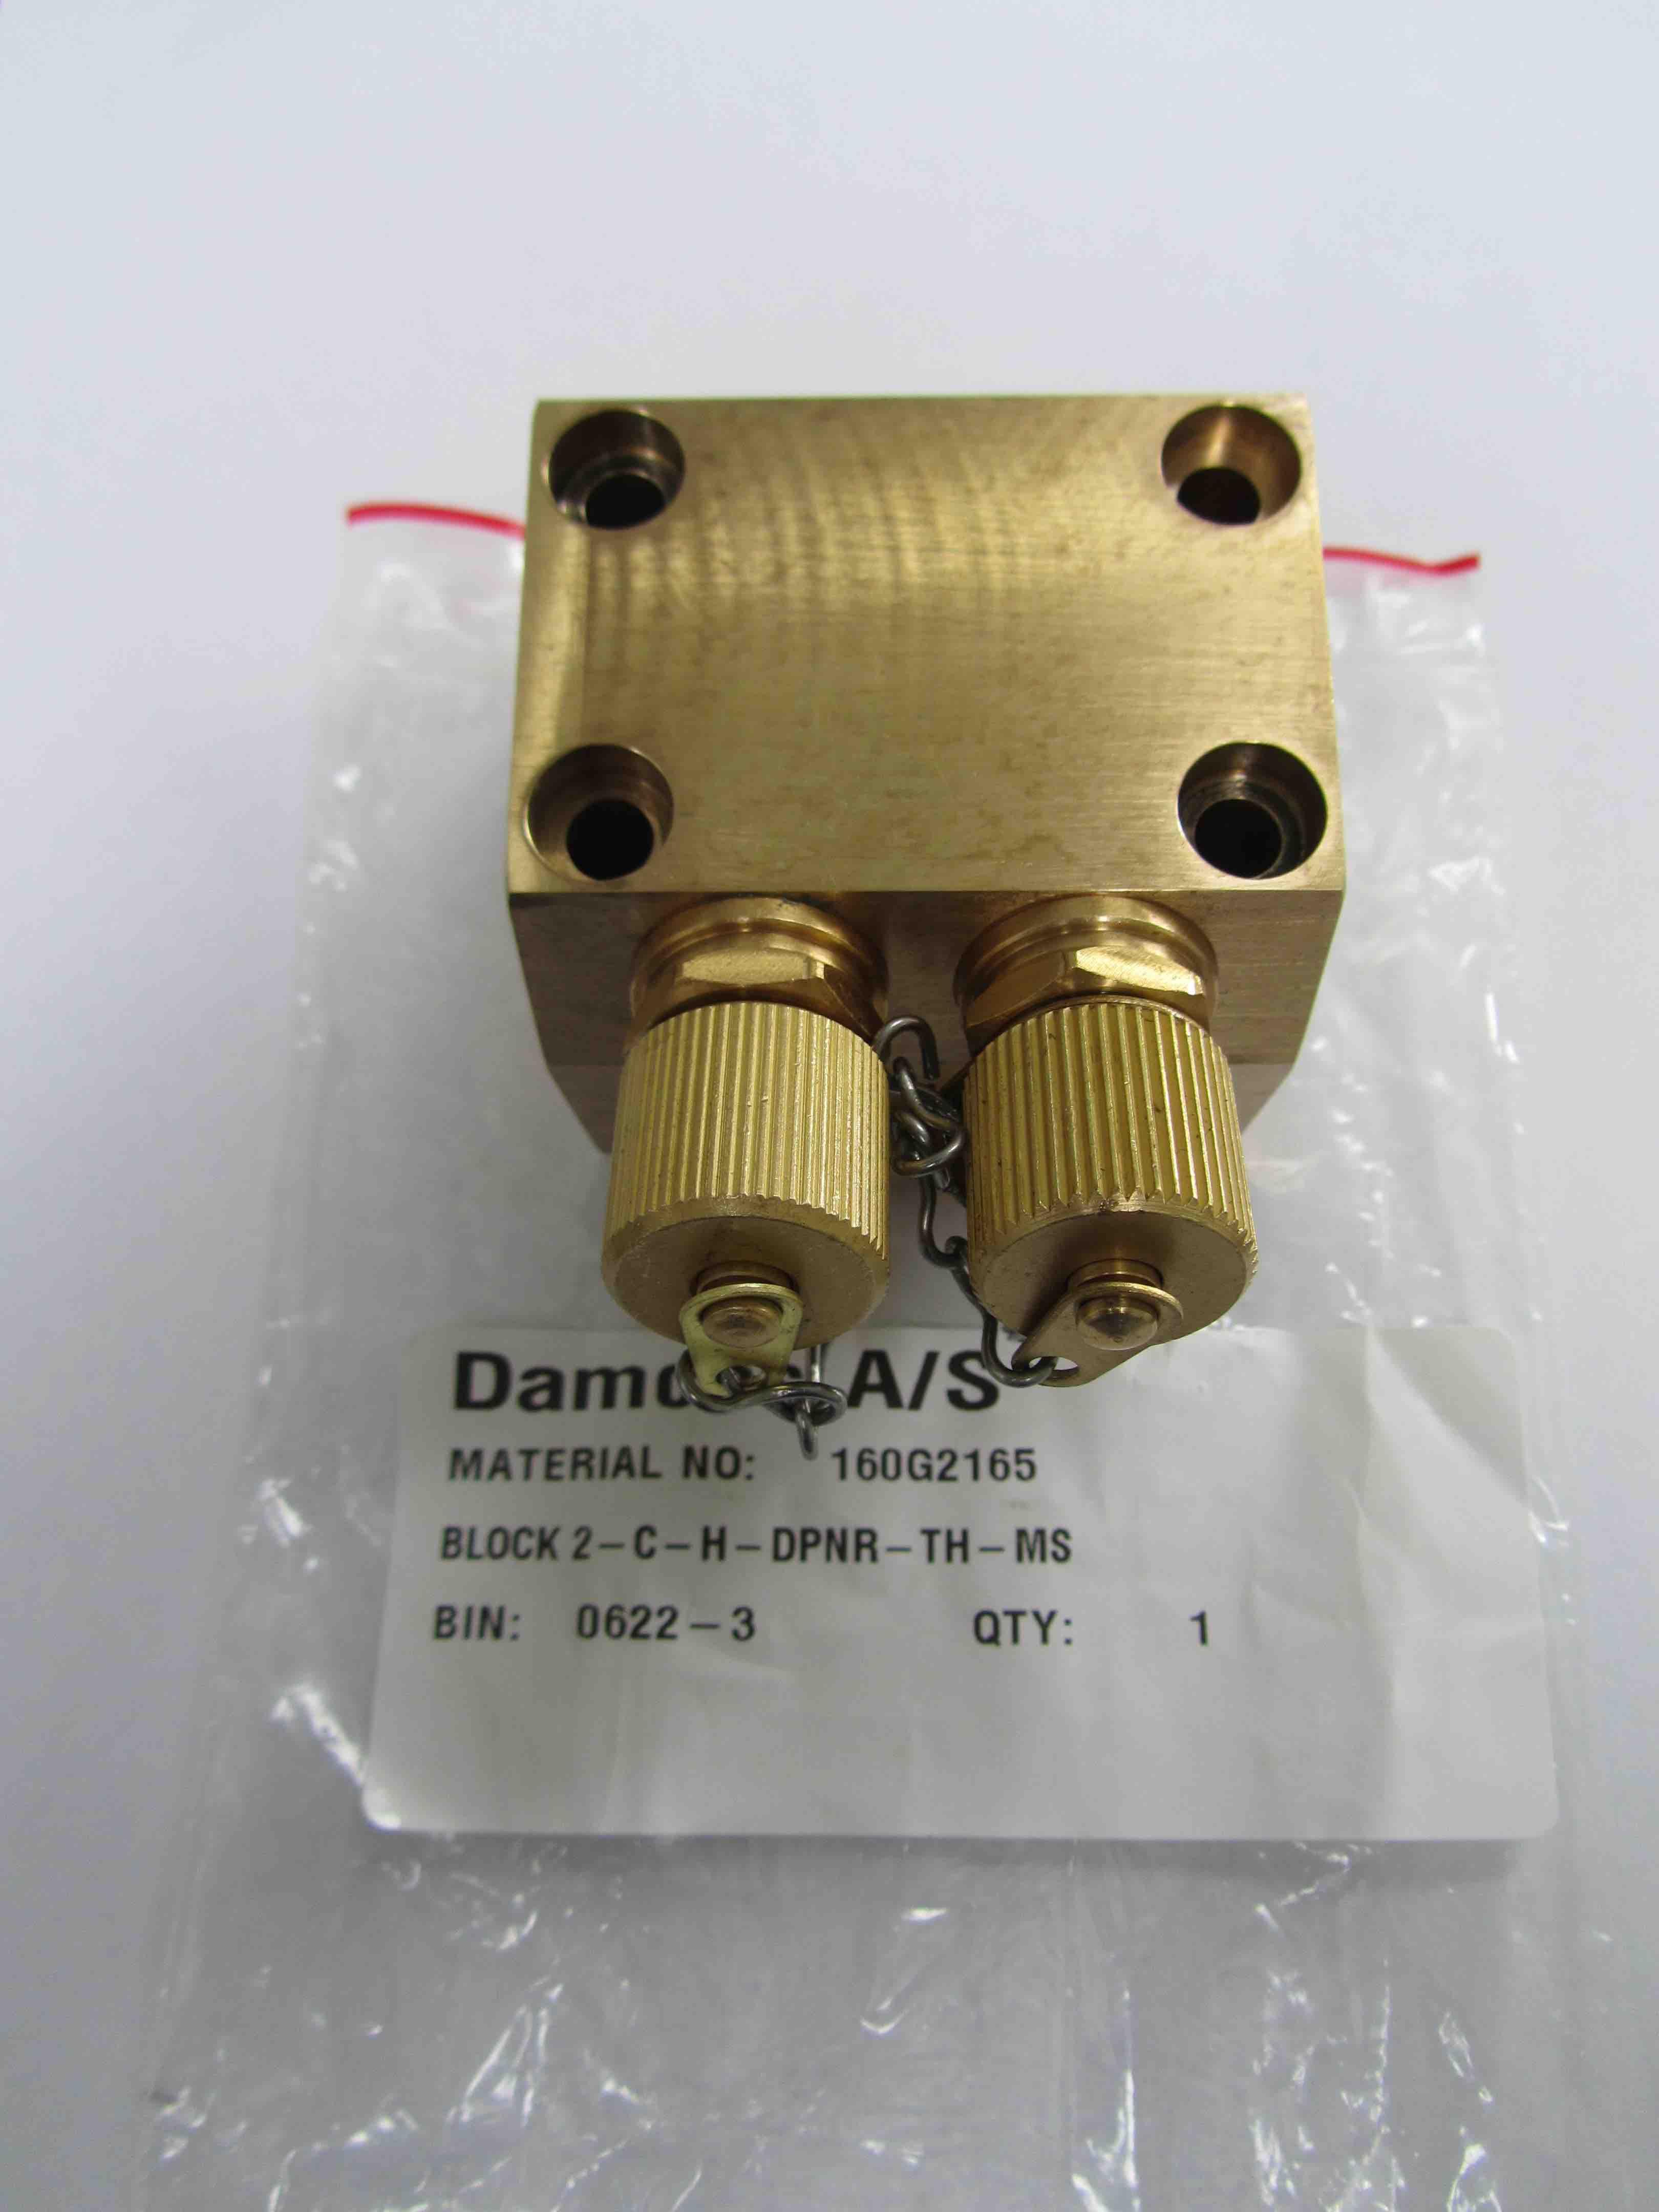 Damcos 2-C-H-DPNR-TH-MS Control Block